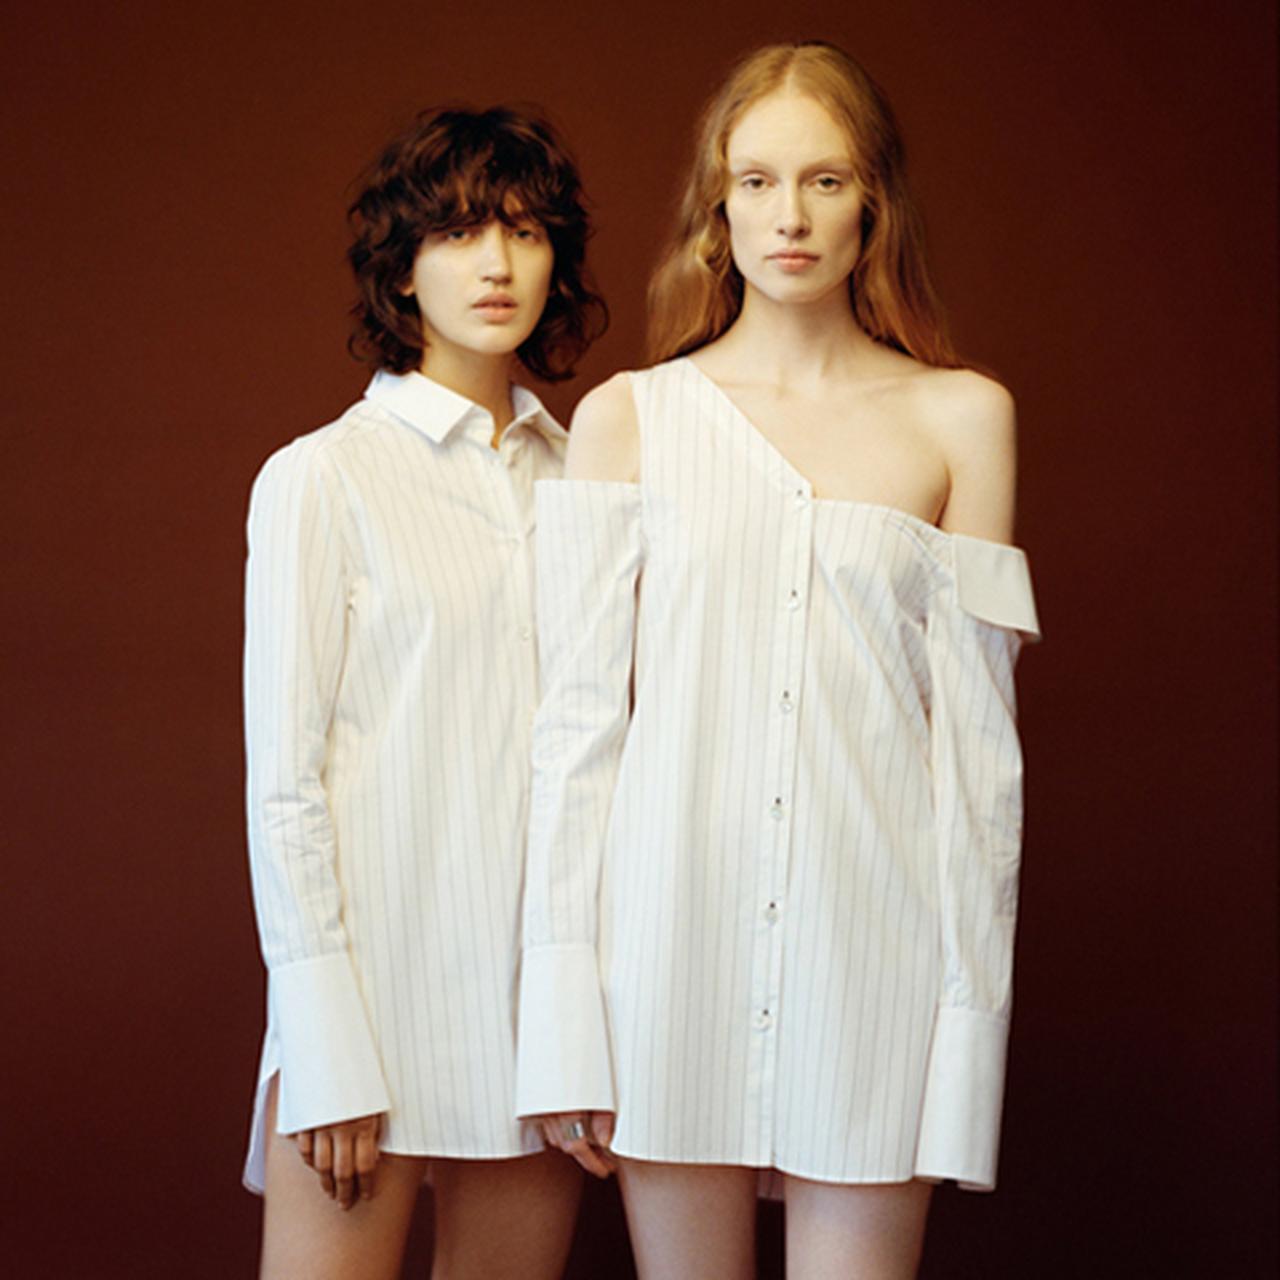 Images : 2番目の画像 - 「セリーヌ出身デザイナーが 手がける シャツに特化した新進ブランド」のアルバム - T JAPAN:The New York Times Style Magazine 公式サイト